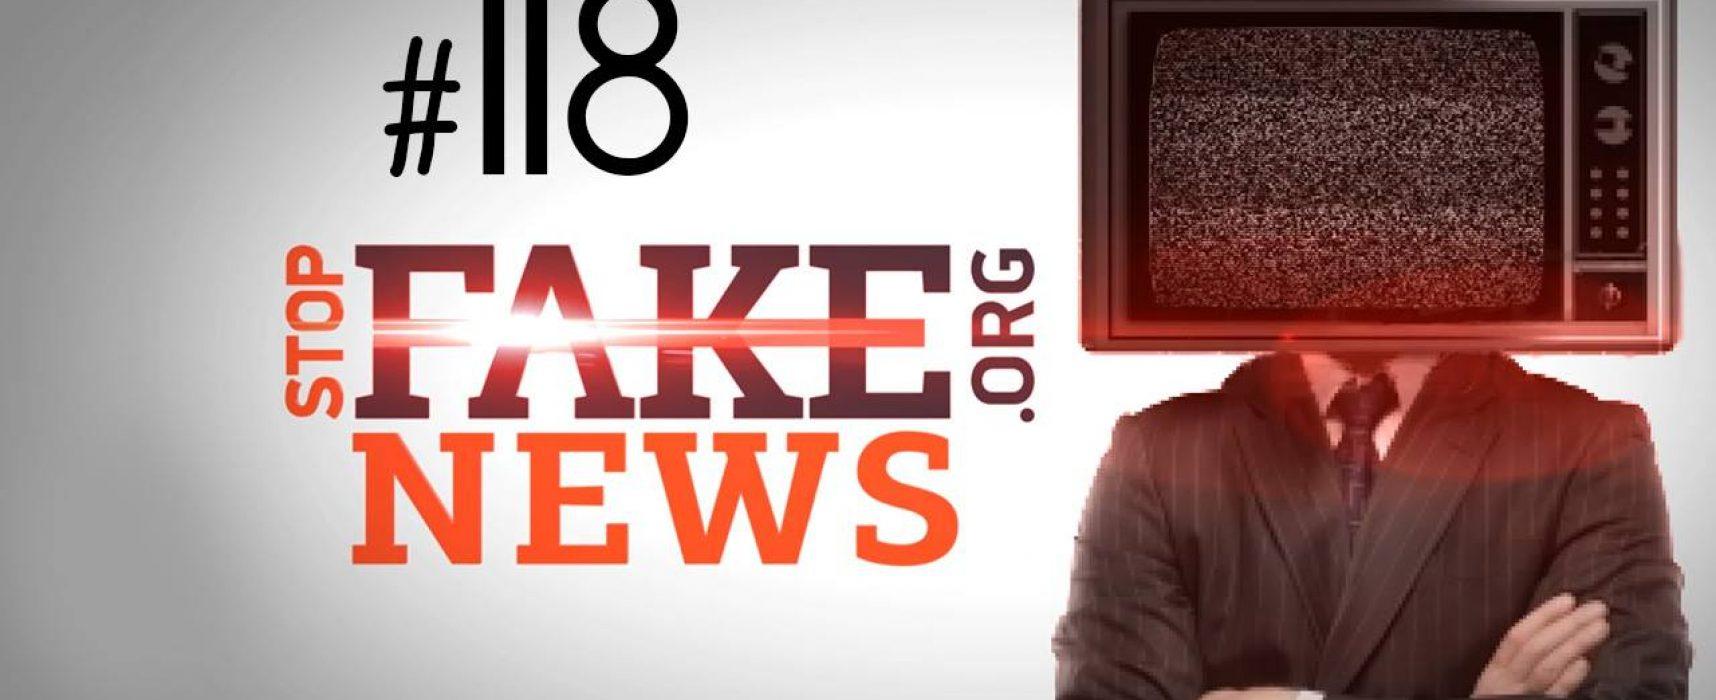 StopFakeNews #118. Убийство Павла Шеремета, автономия в Одесской области и срыв учений Sea Breeze